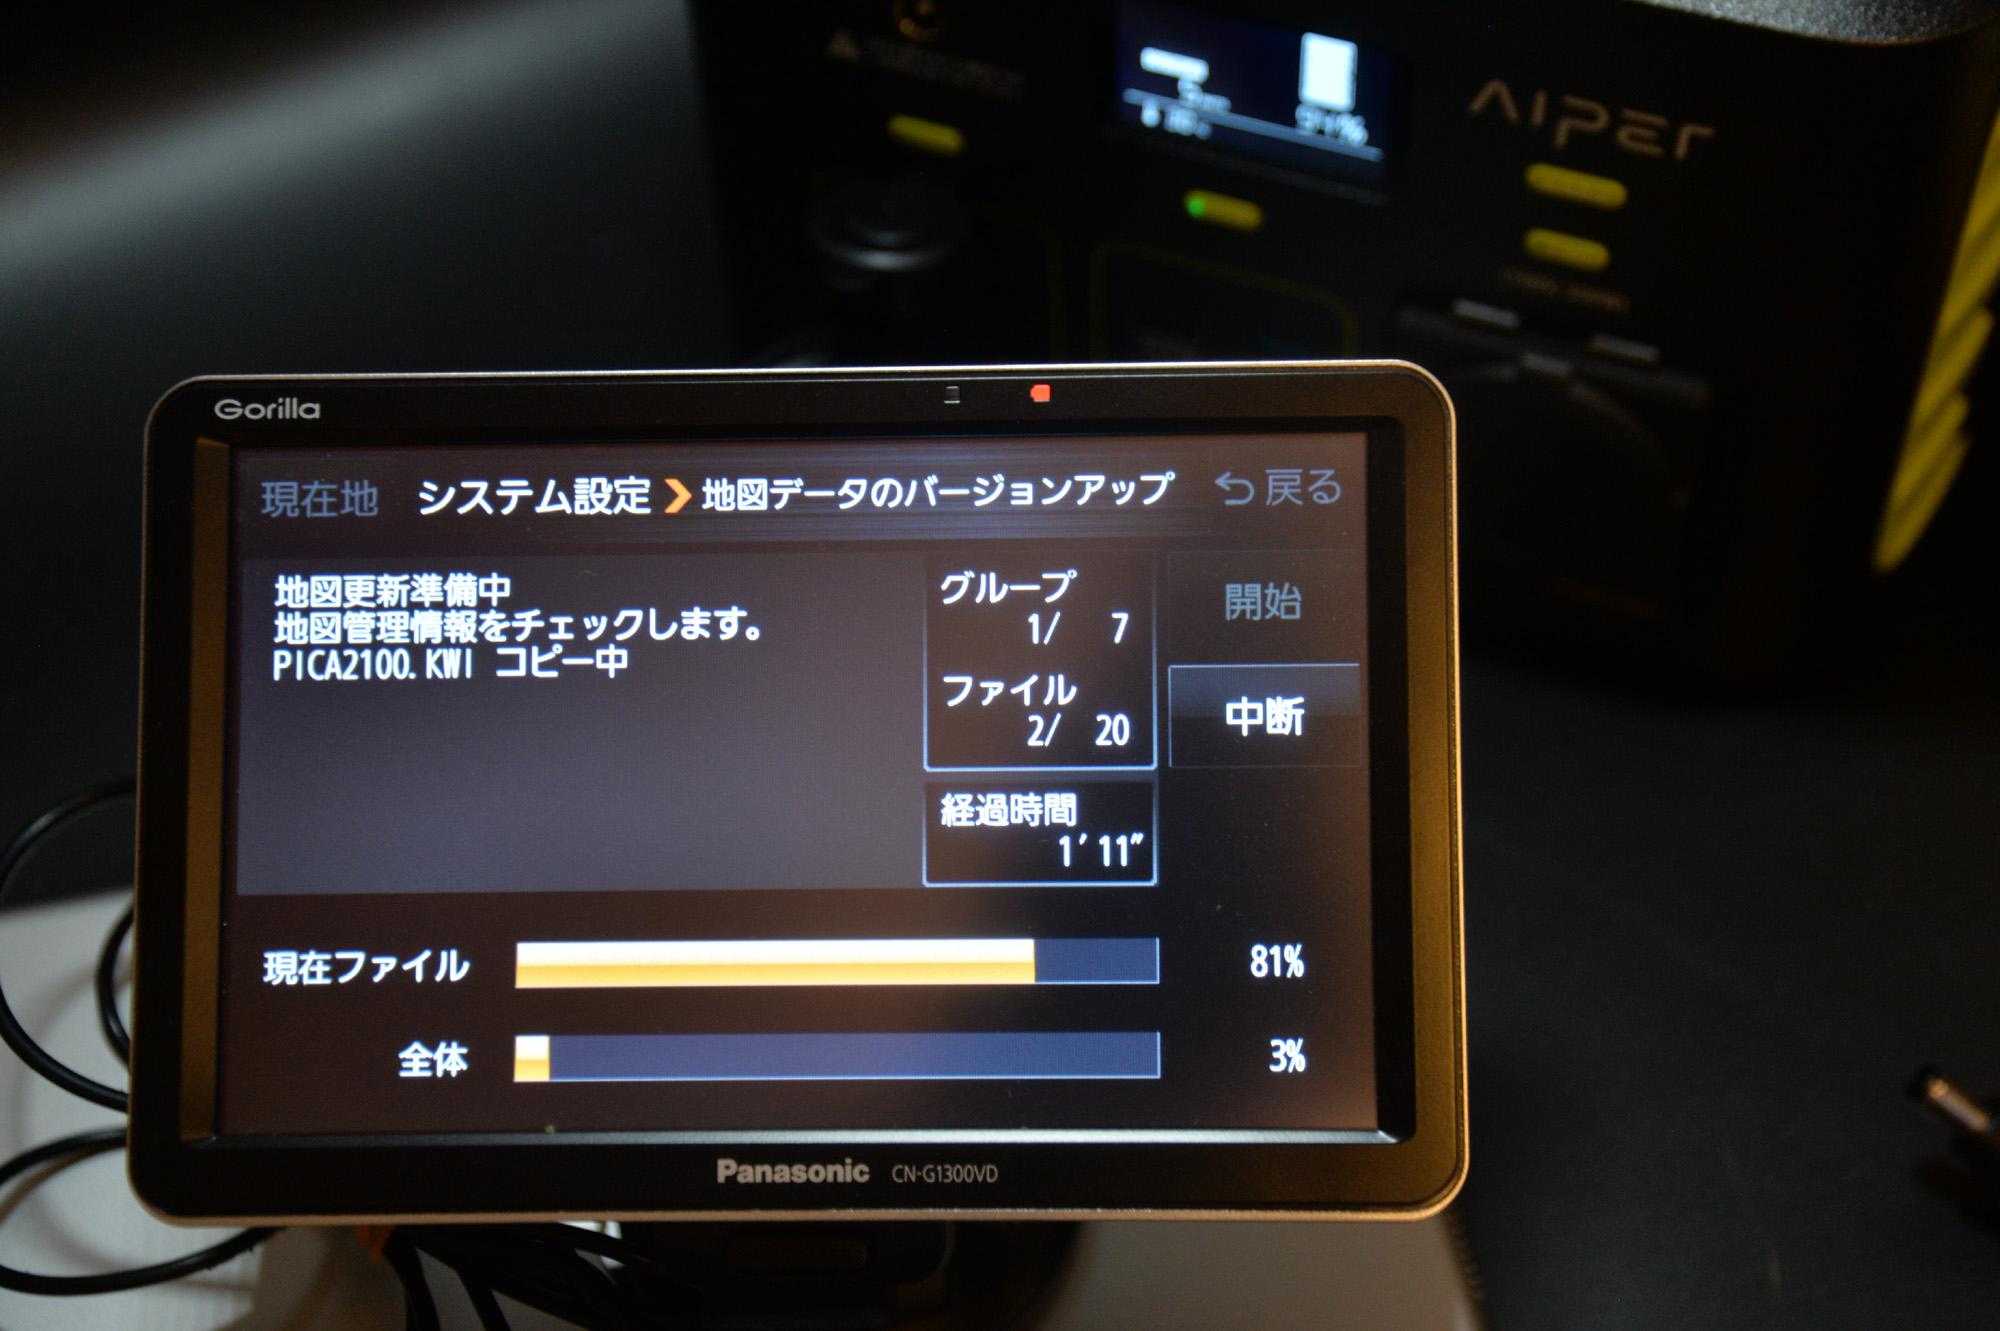 Panasonic GOLIRA CN-G1300VD 地図無料更新をしてみた。